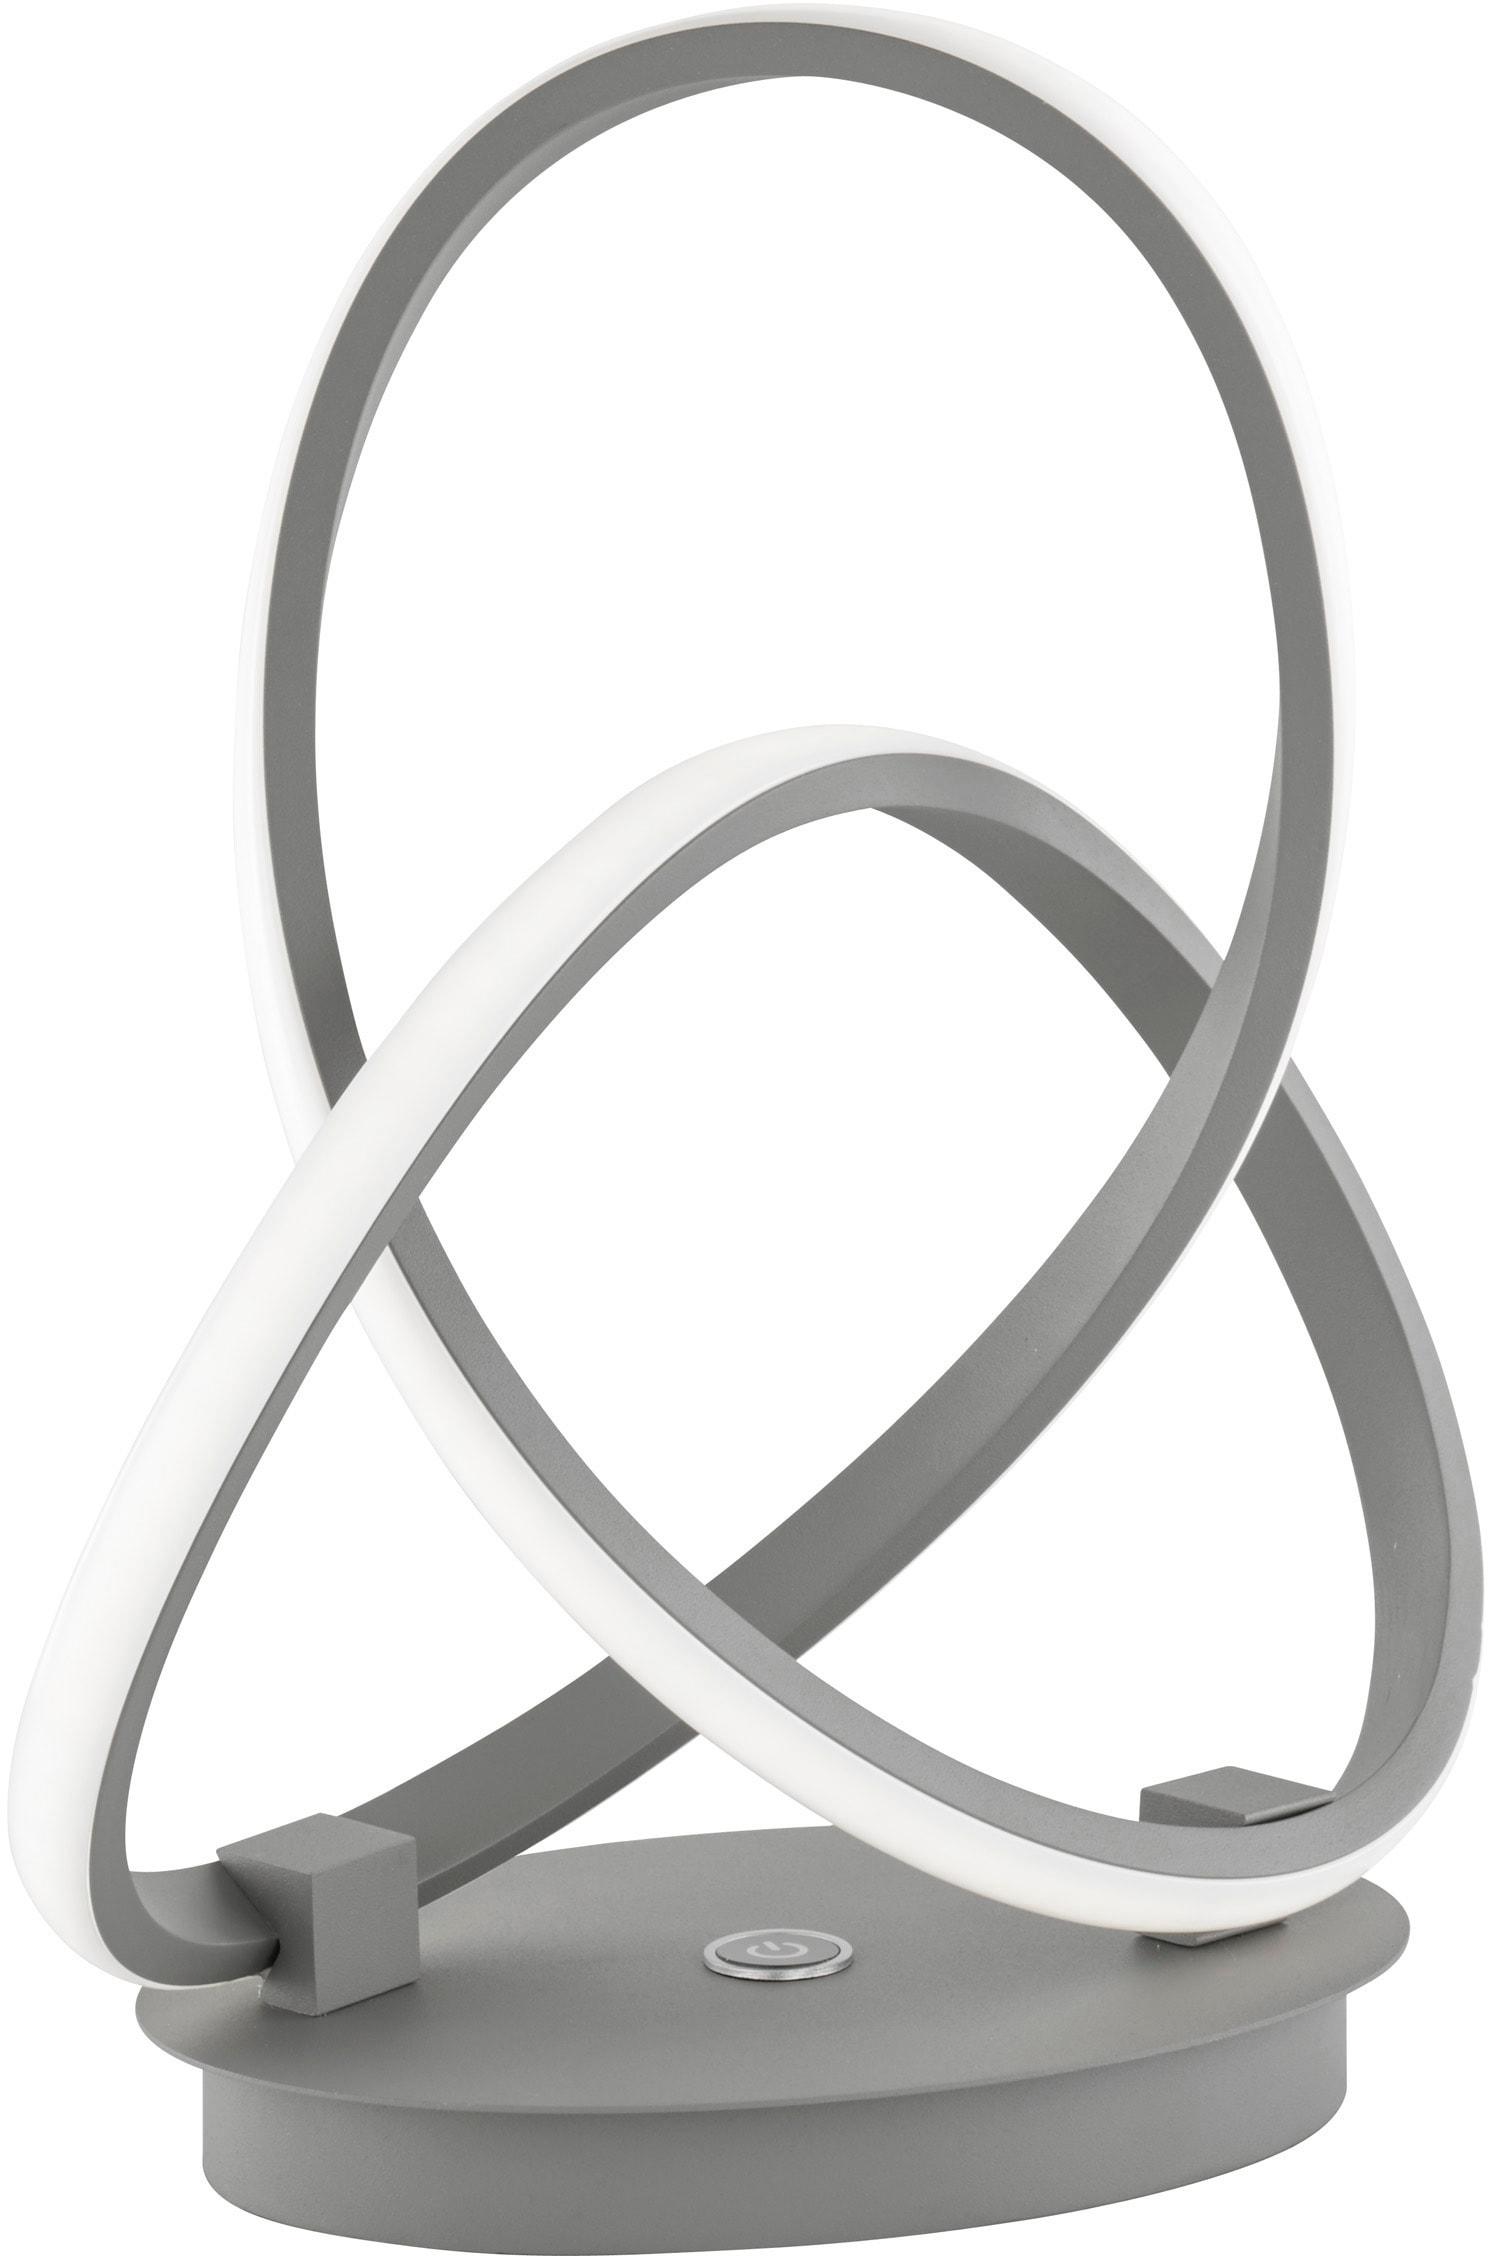 WOFI Tischleuchte INDIGO, LED-Board, Warmweiß, dimmbar mittels Touch, 3-Stufen